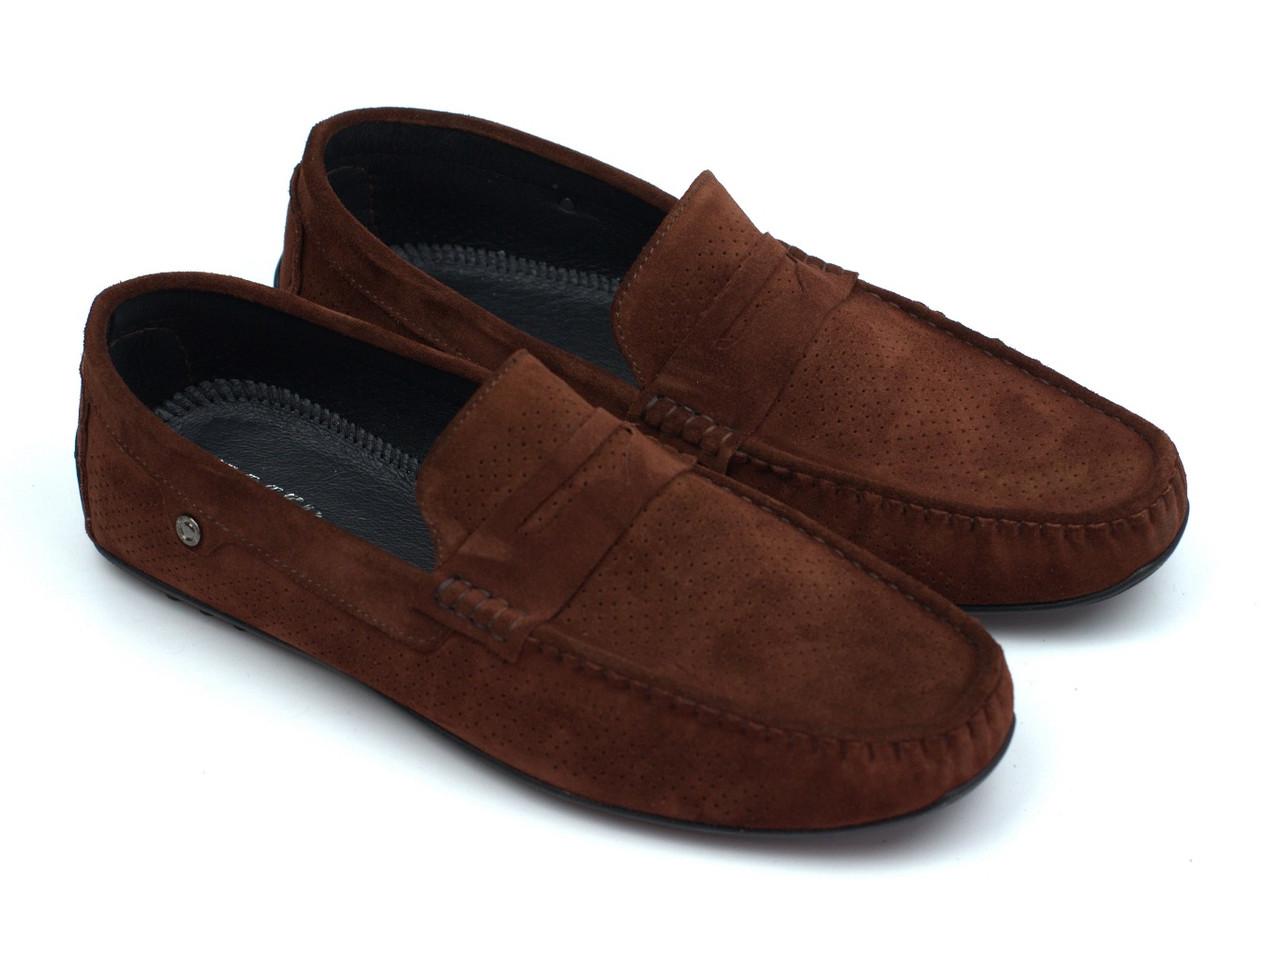 Коричневые мужские мокасины замшевые с перфорацией летняя обувь Rosso Avangard ETHEREAL CINNAMON Vel Perf